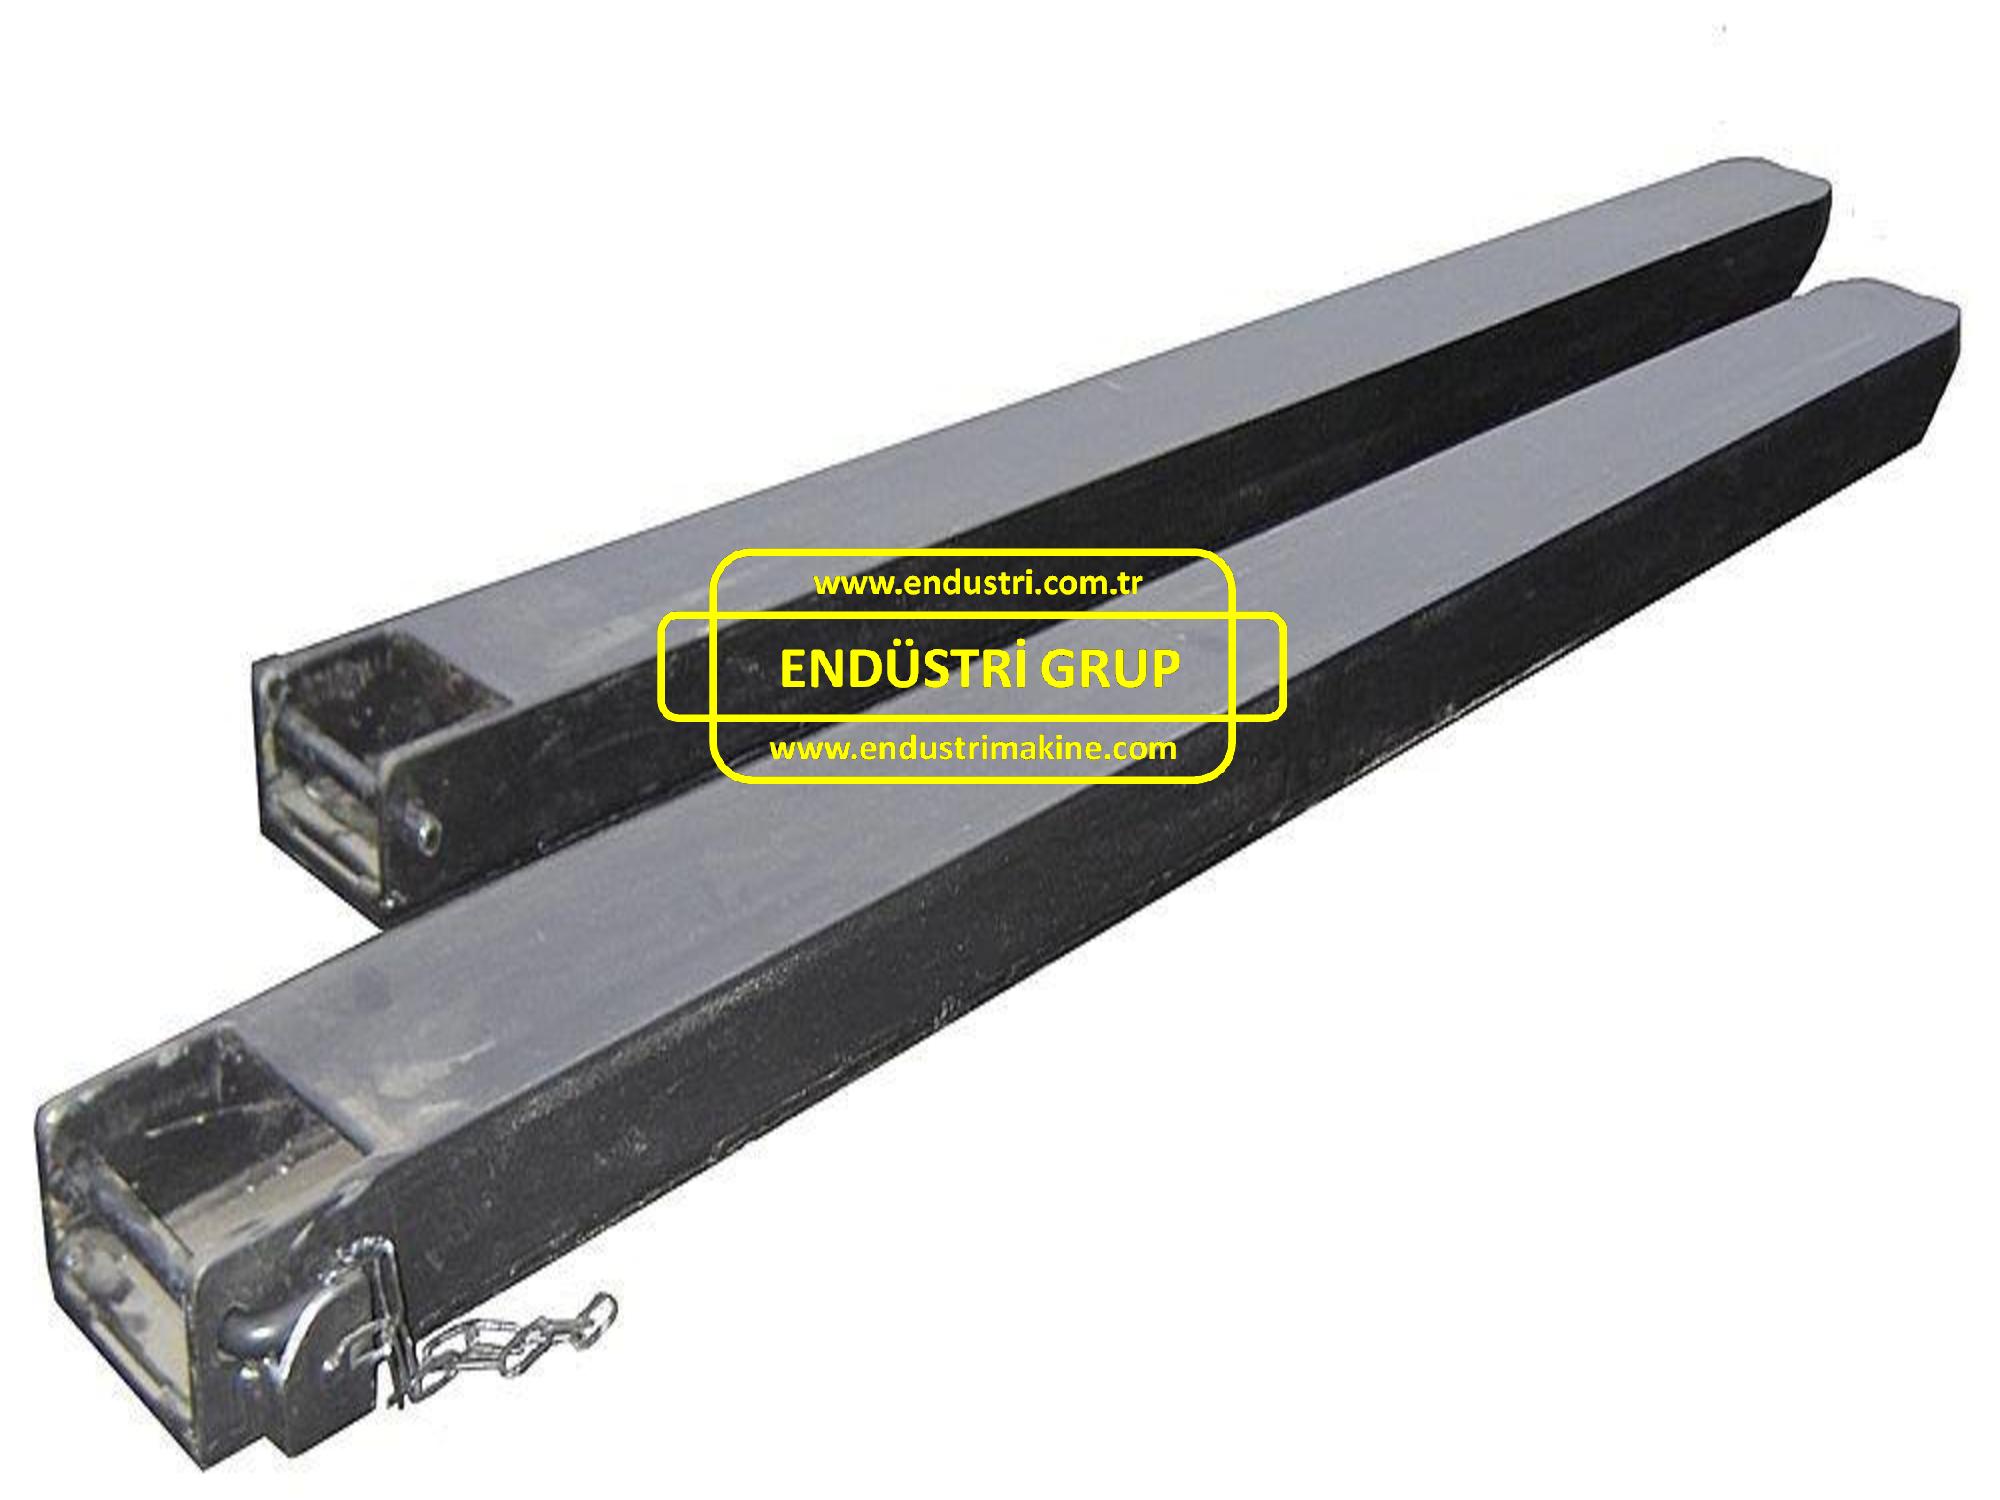 forklift-catali-bicagi-uzatma-kilifi-kiliflari-imalati-fiyati